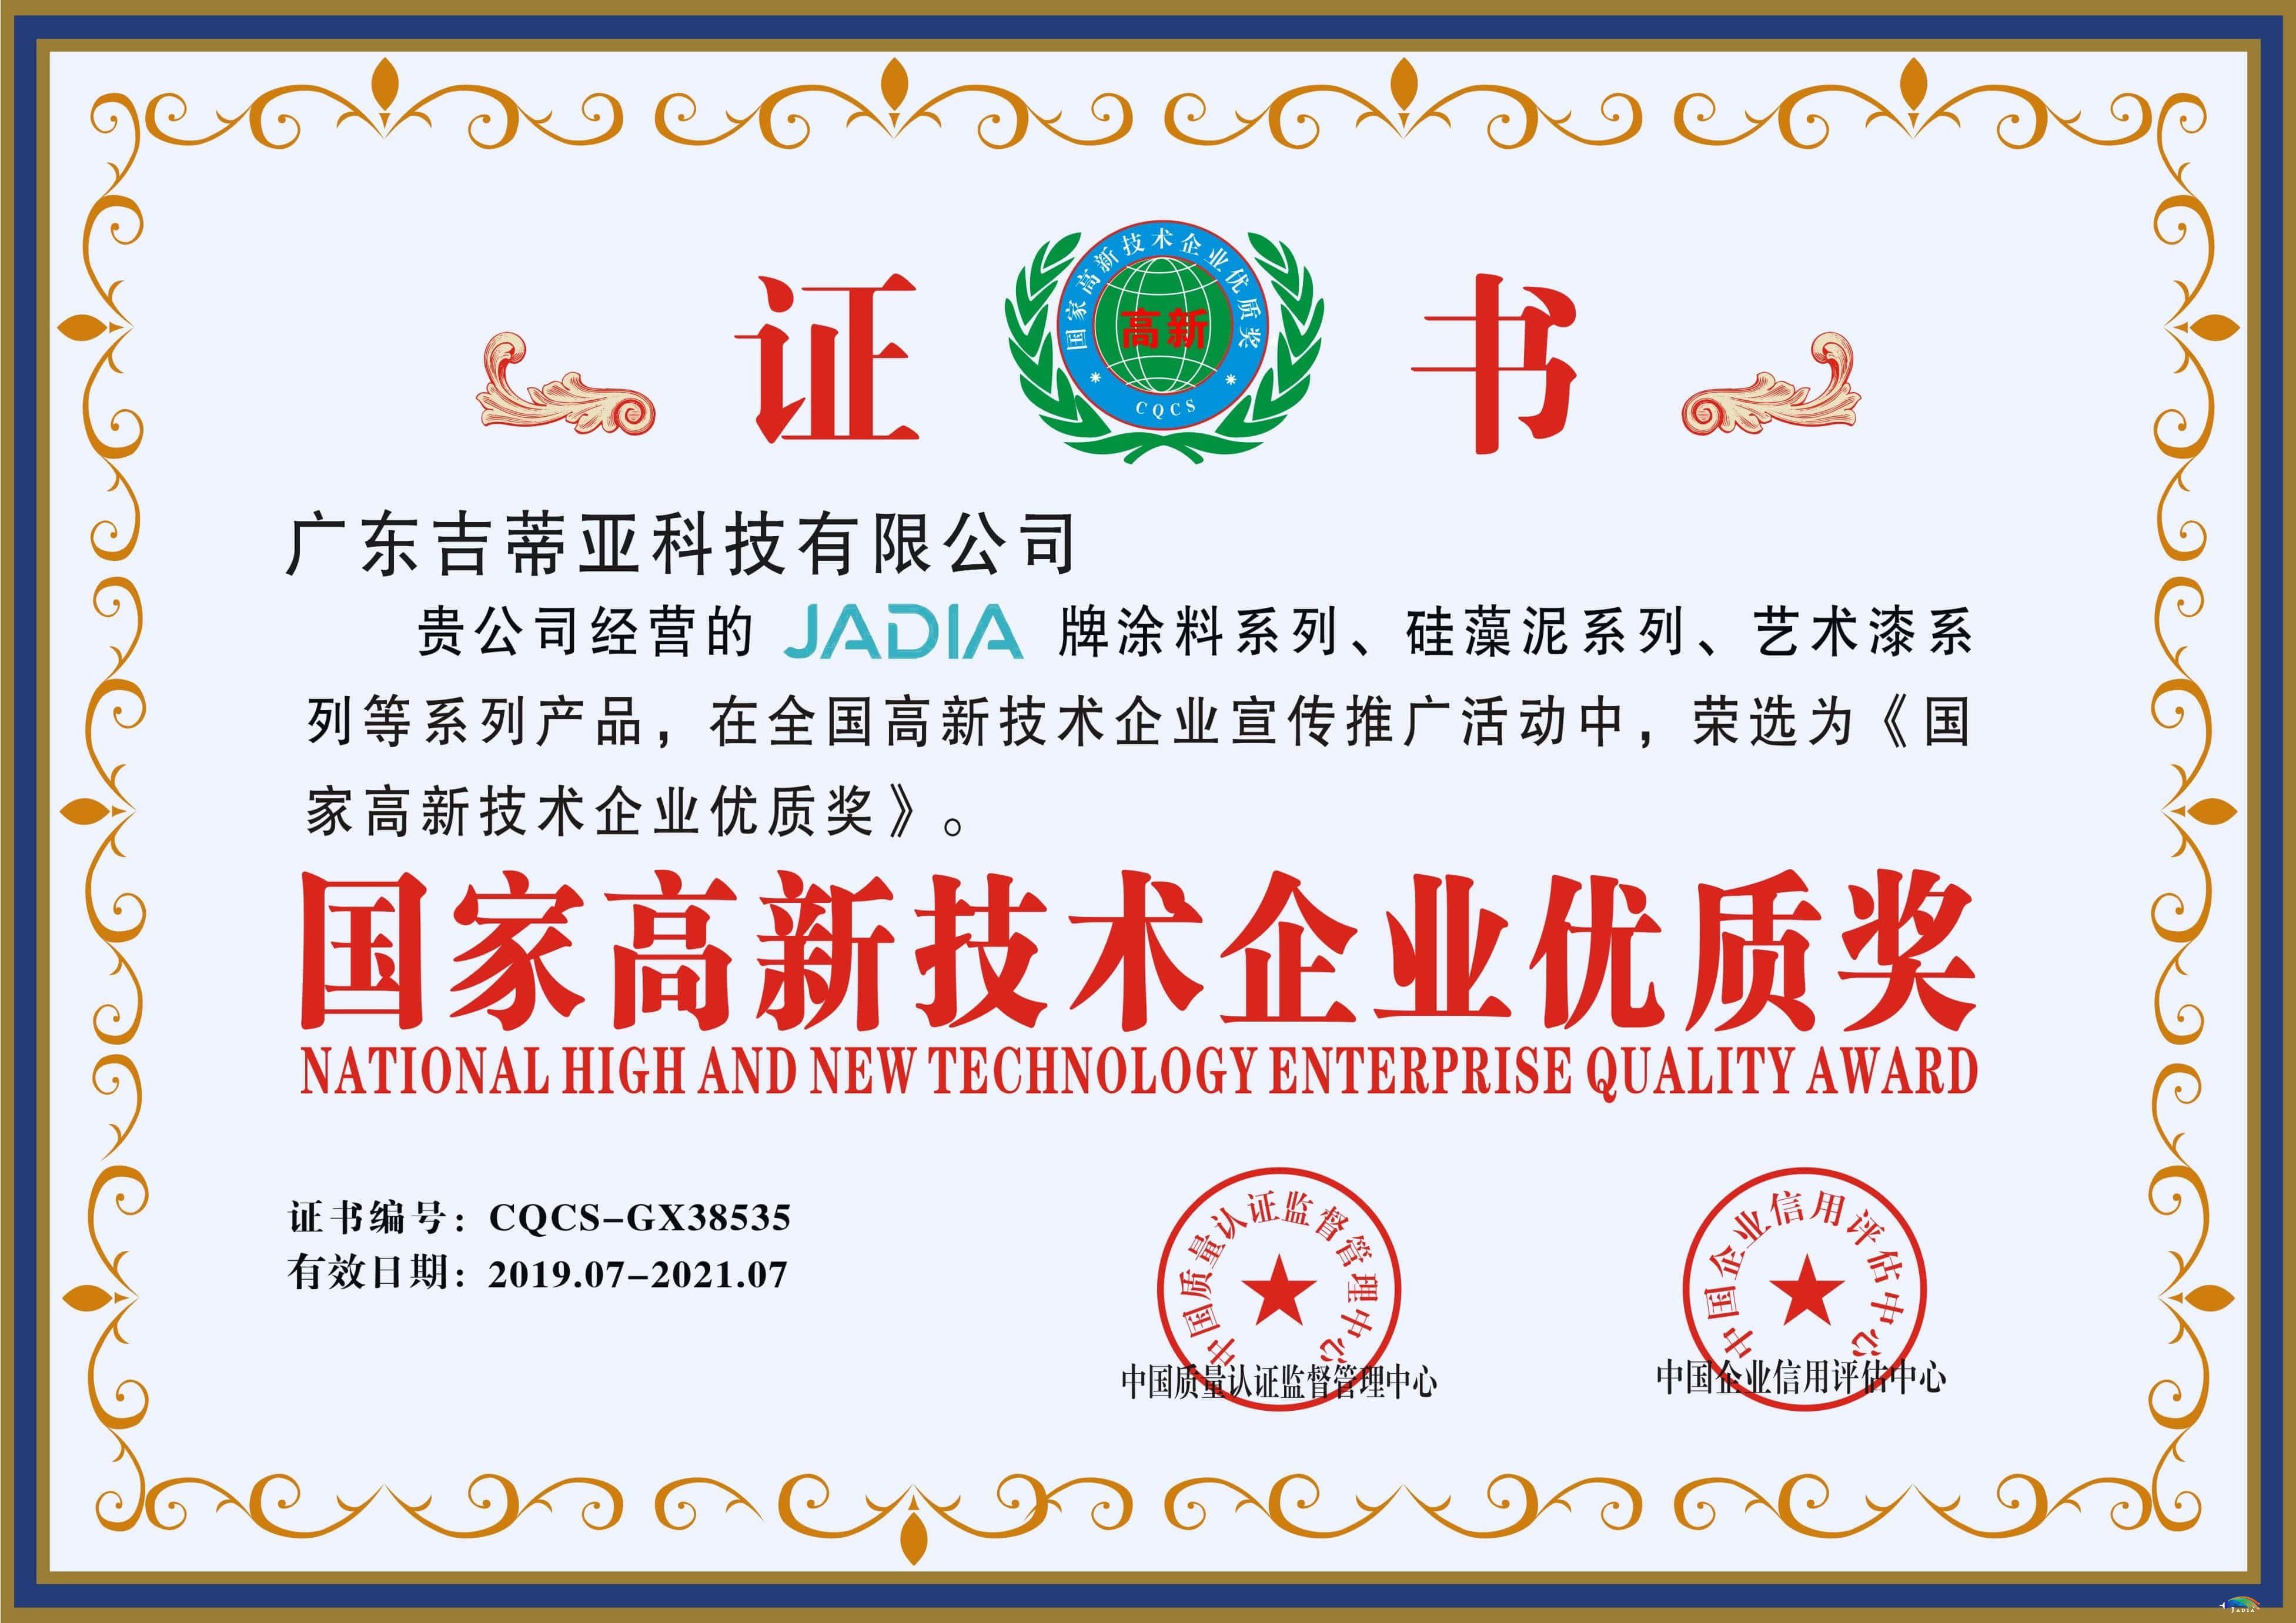 国家高新技术企业优质奖